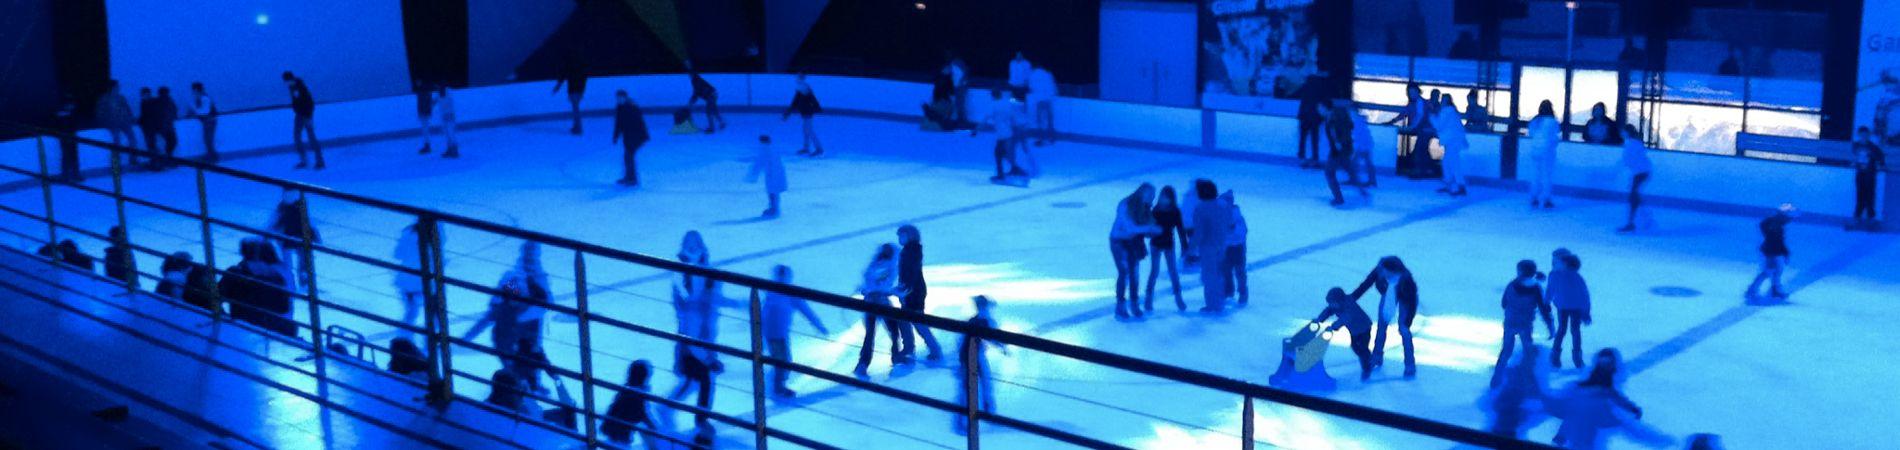 La patinoire de Narbonne